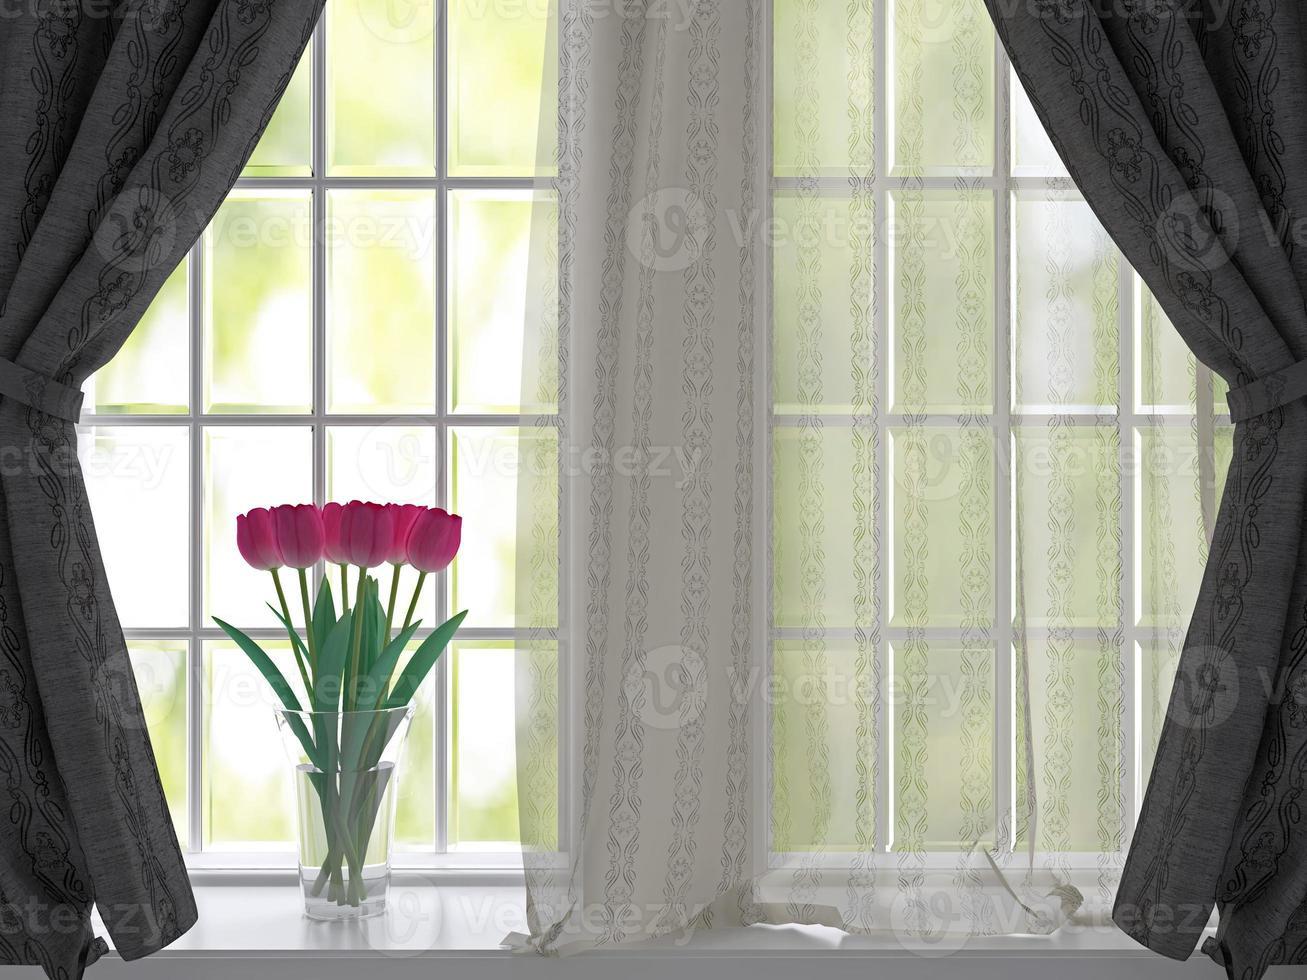 Tulpen auf einer Fensterbank. foto